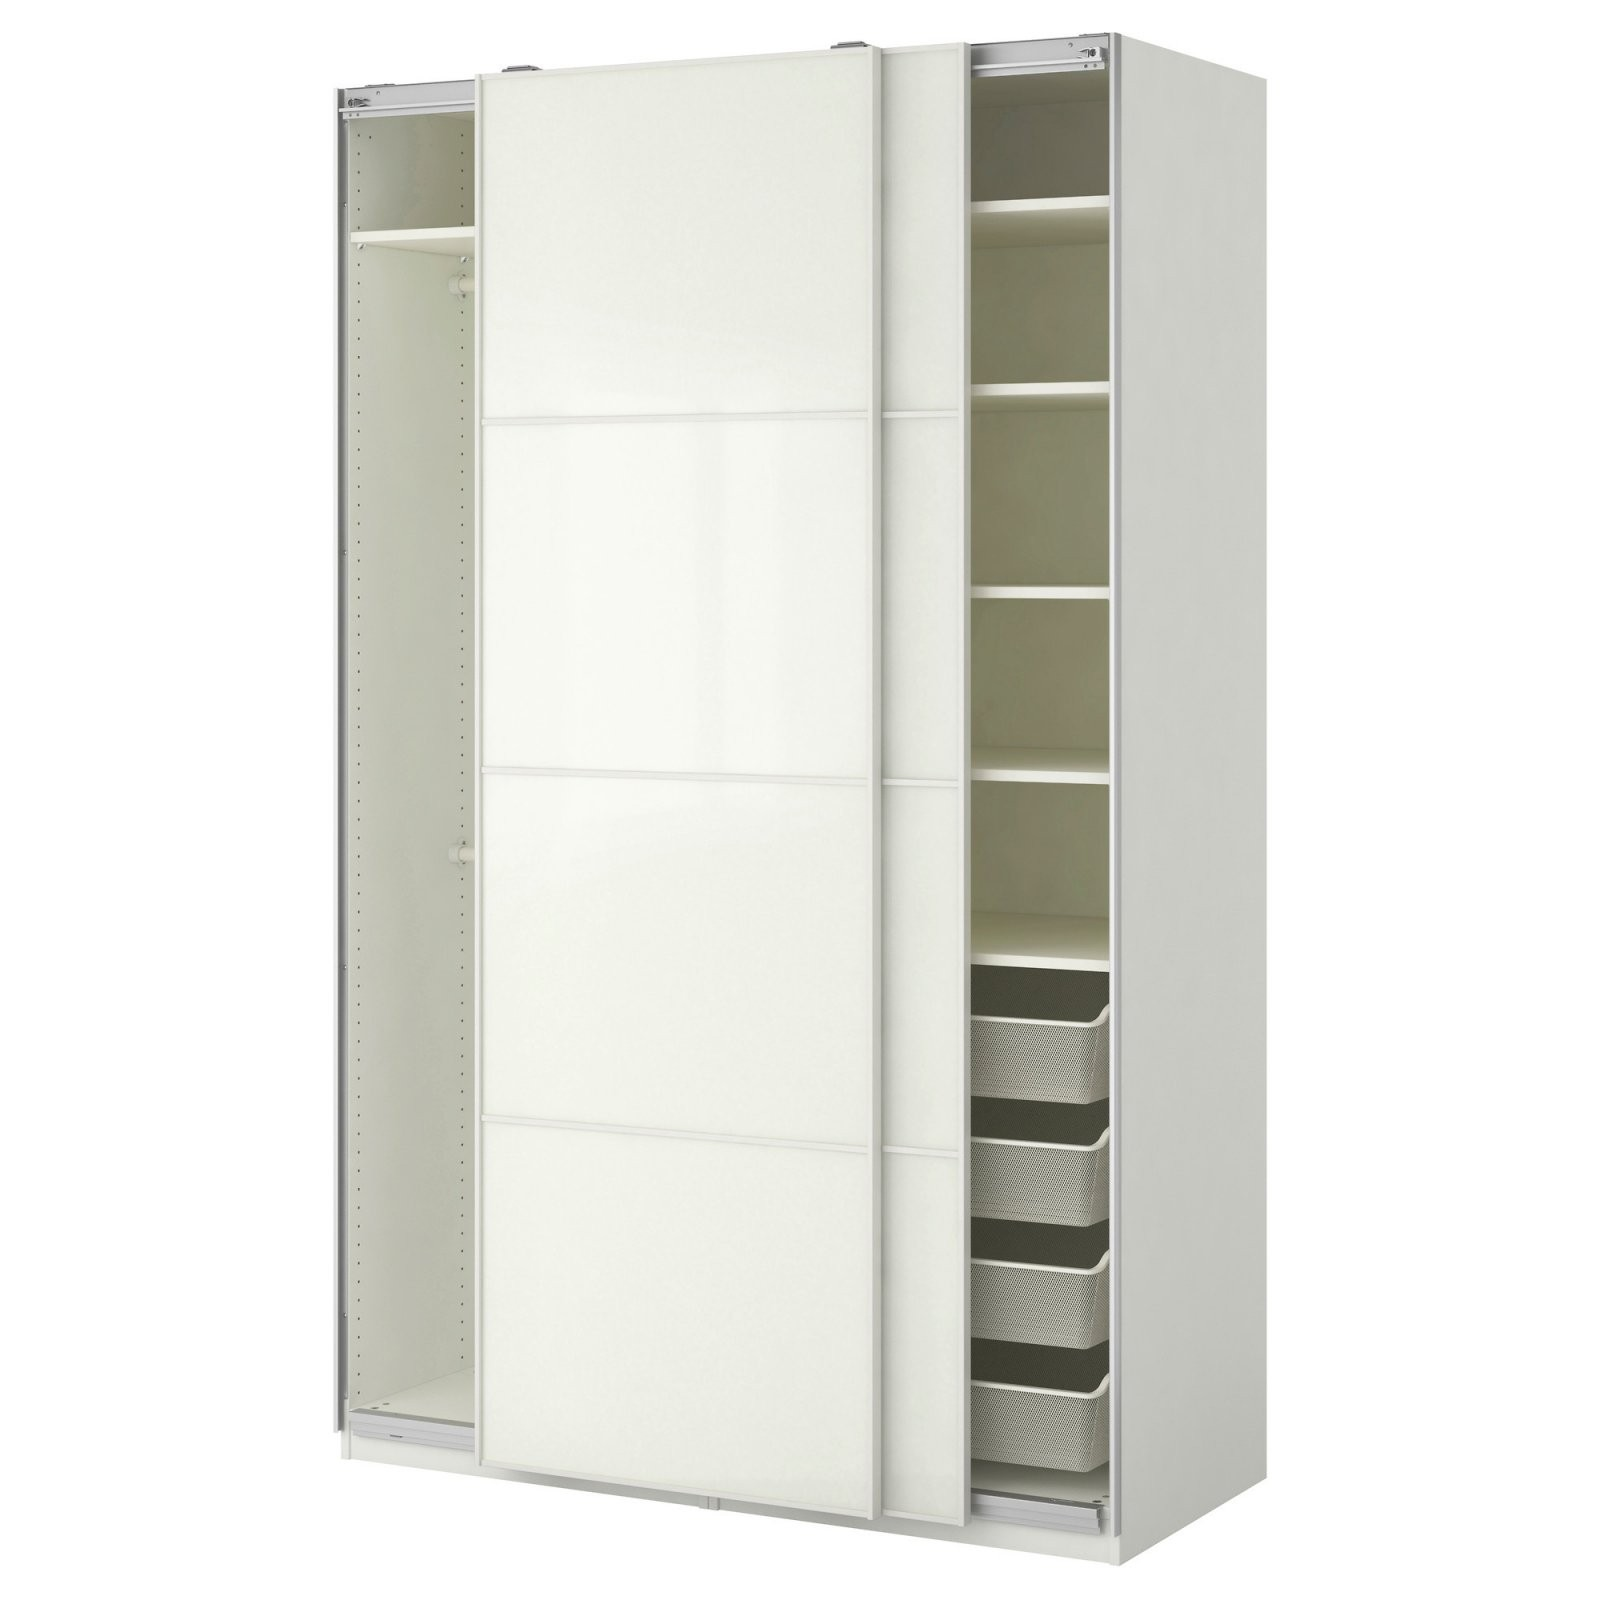 Prestigeträchtig Kleiderschrank Weiß 120 Cm Breit  Sulzerareal von Kleiderschrank Weiß 120 Cm Breit Bild